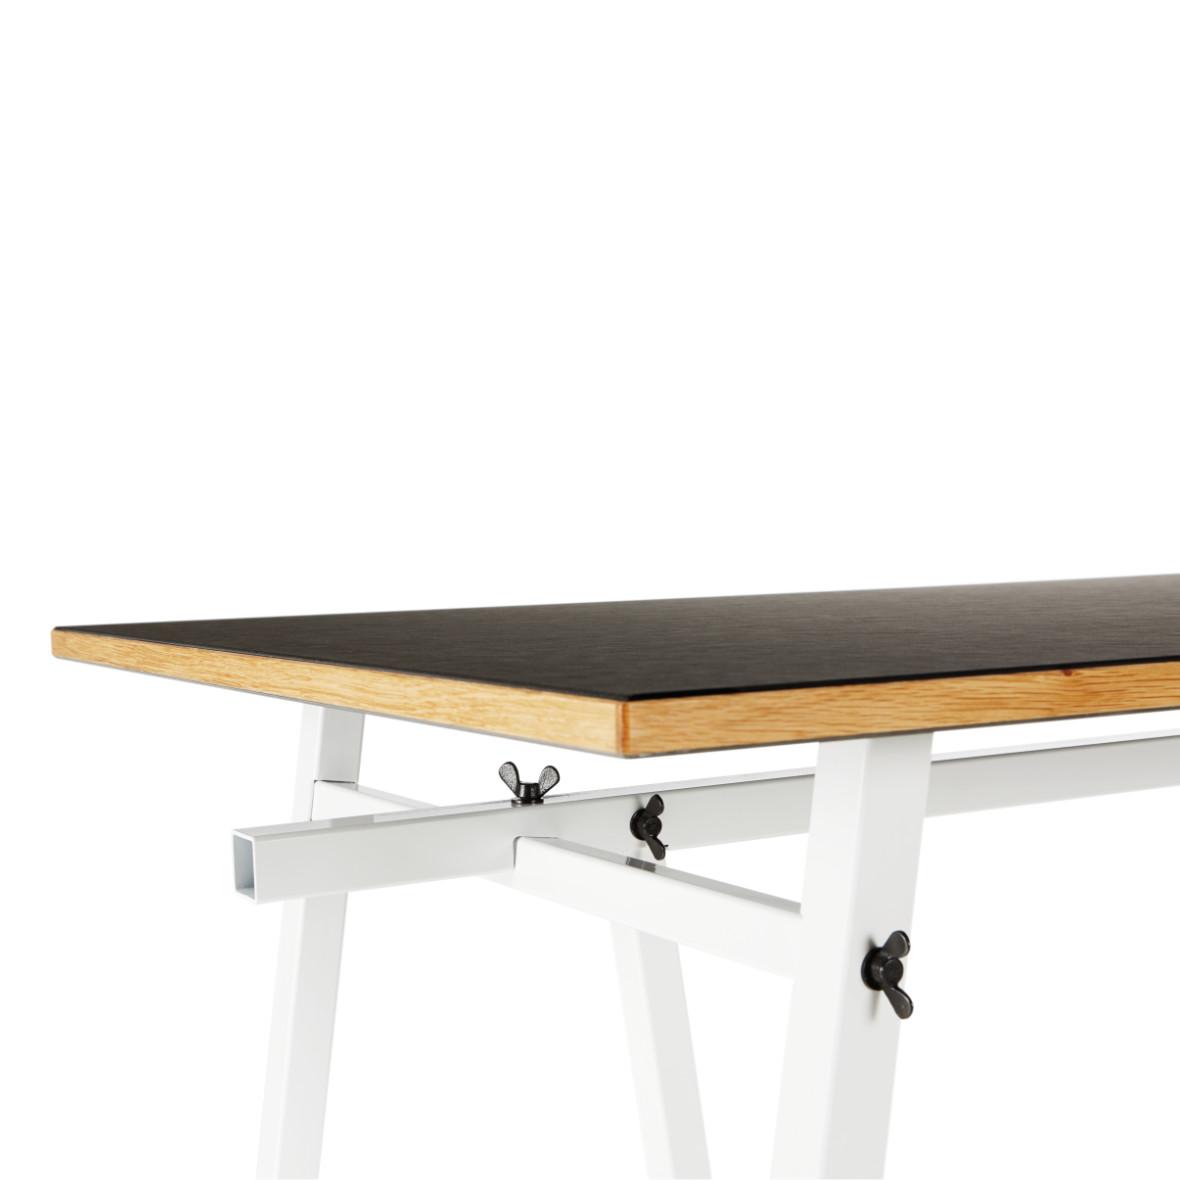 Ateliertisch Embru schwarz-weiss Platte – für den idealen Arbeitsplatz